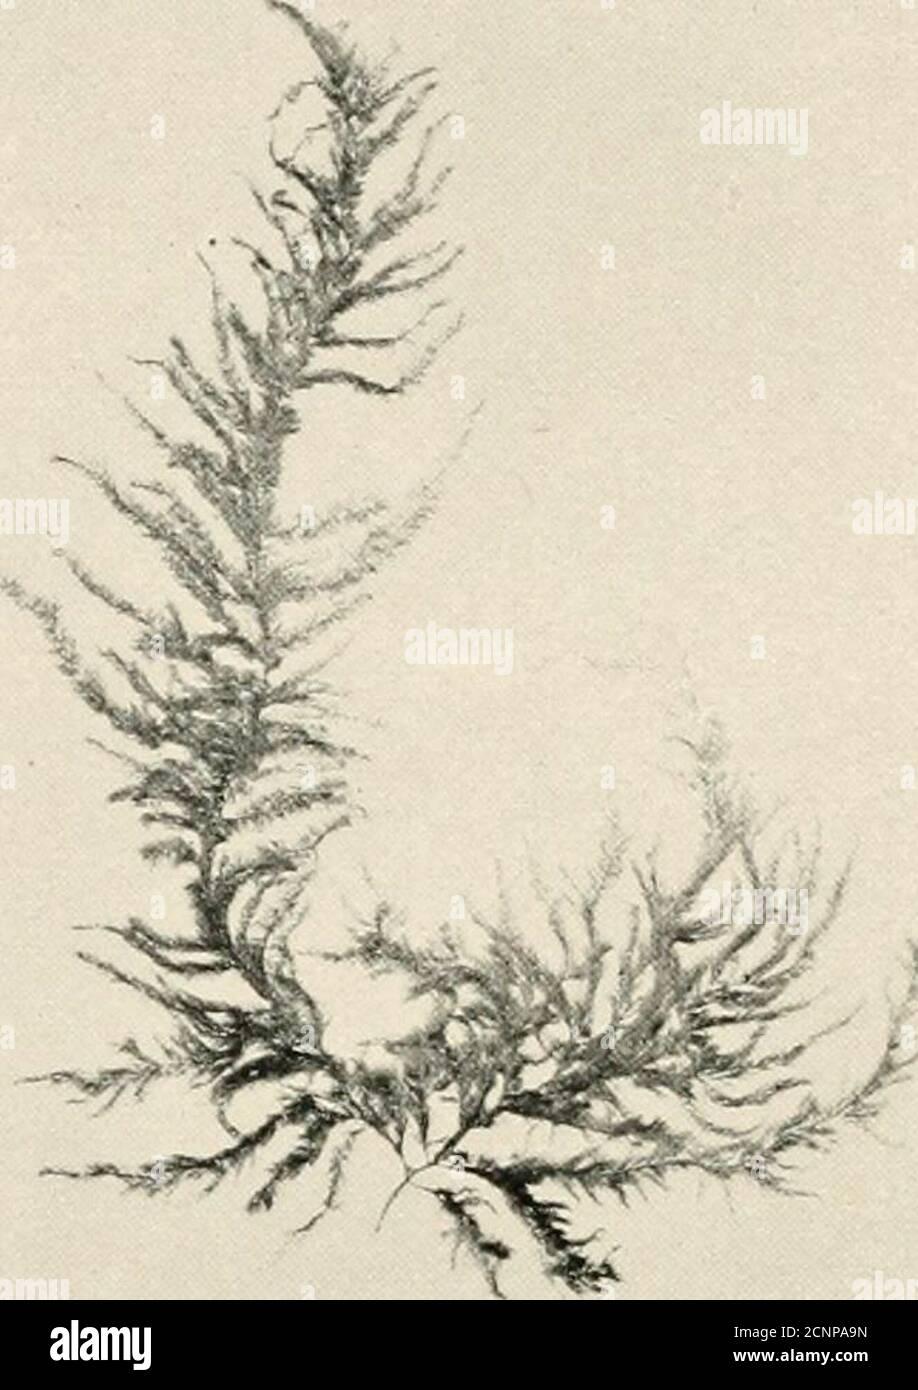 . La playa de mar en la marea baja : una guía para el estudio de las algas marinas y la vida animal más baja encontrada entre los tidemarks . Foto de stock